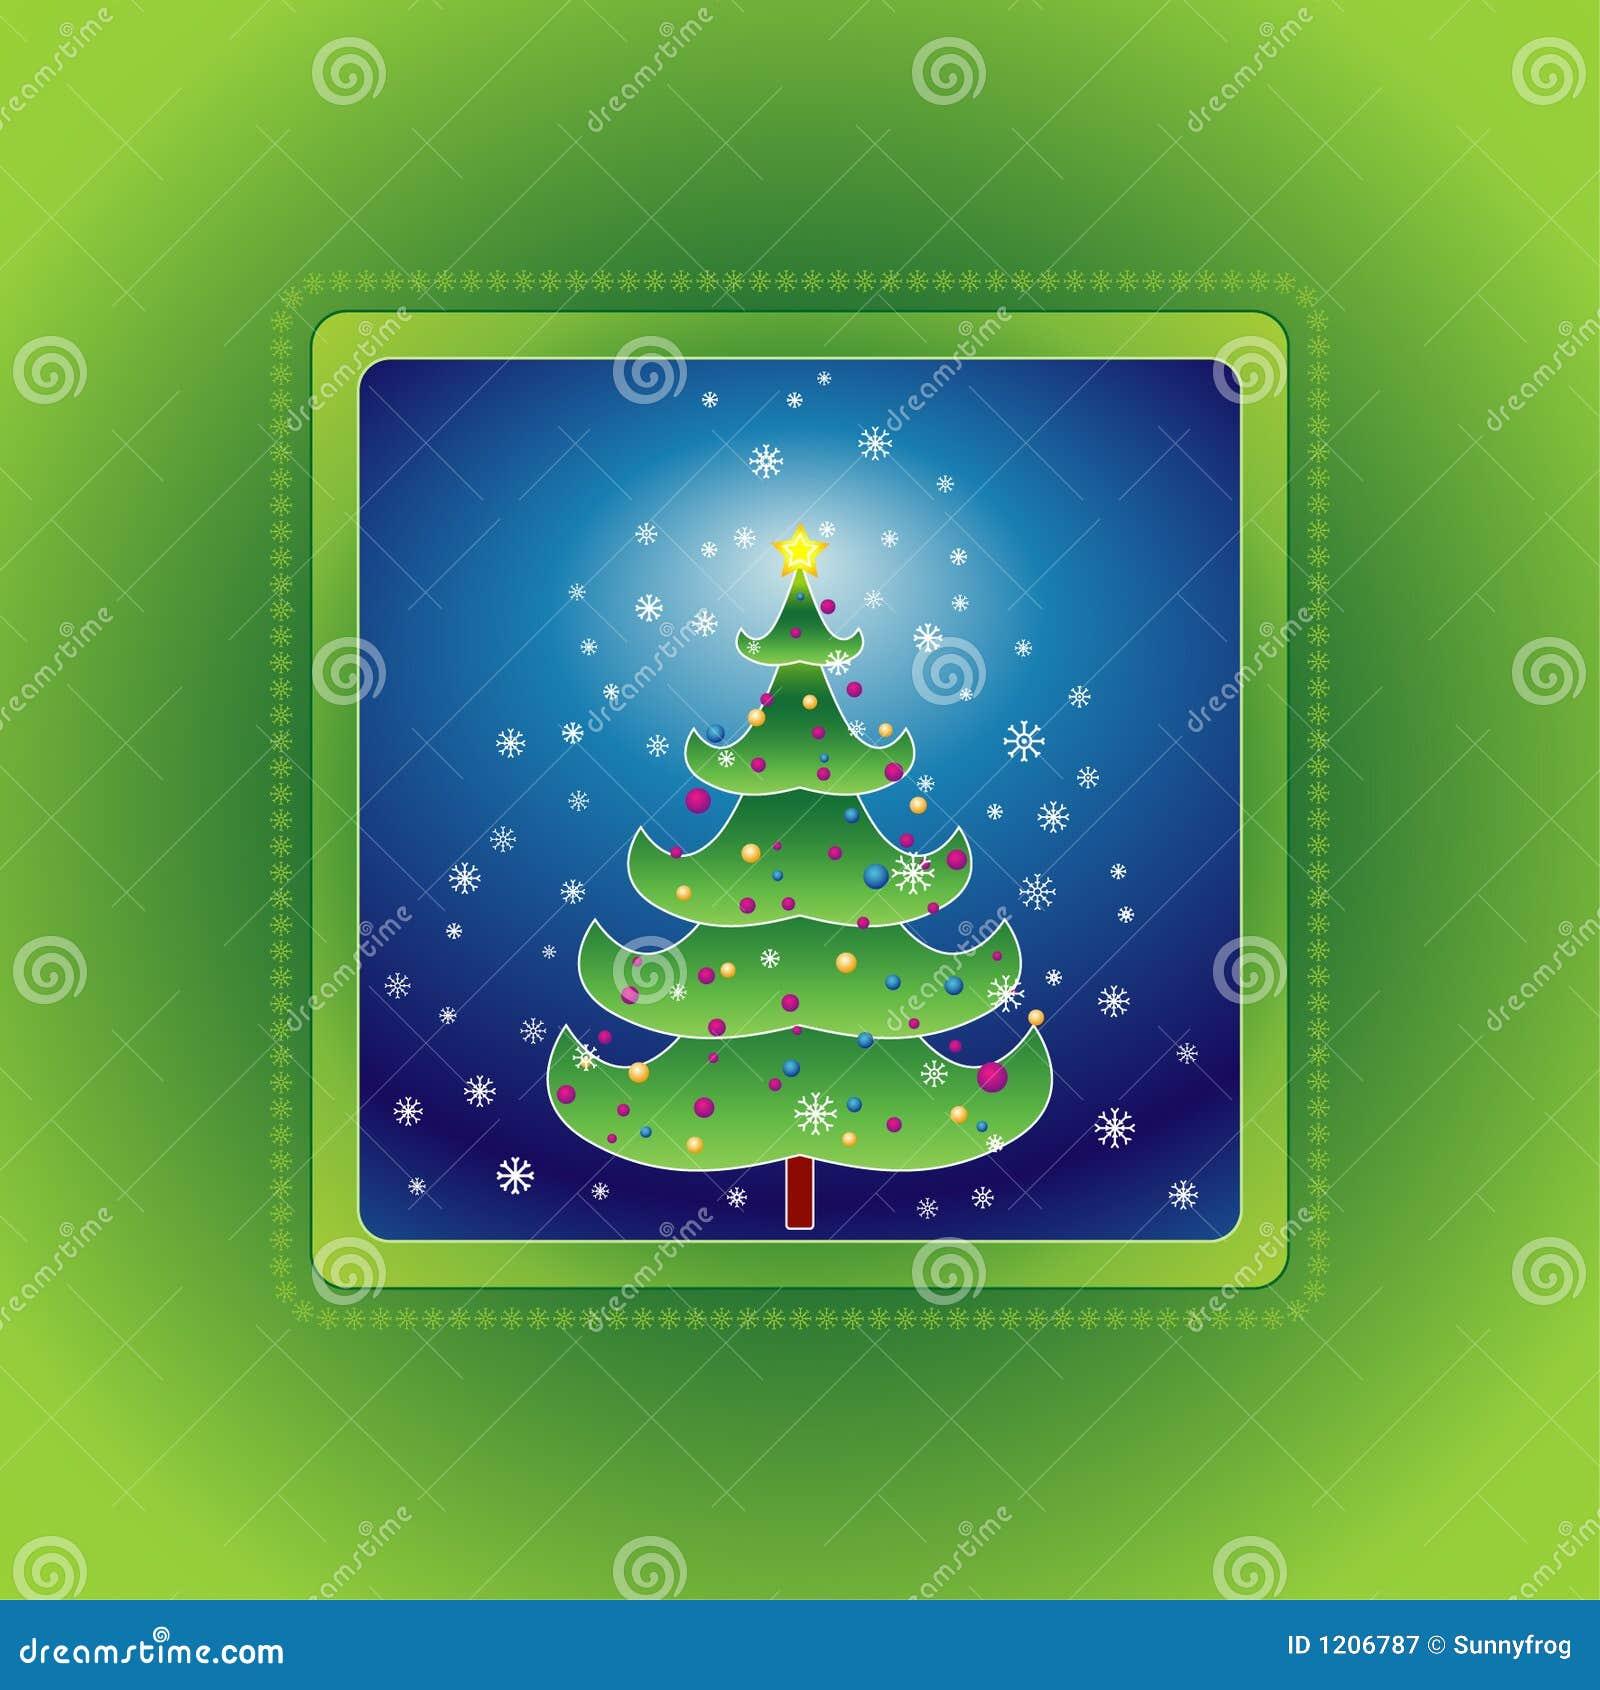 διάνυσμα χριστουγεννιάτικων δέντρων